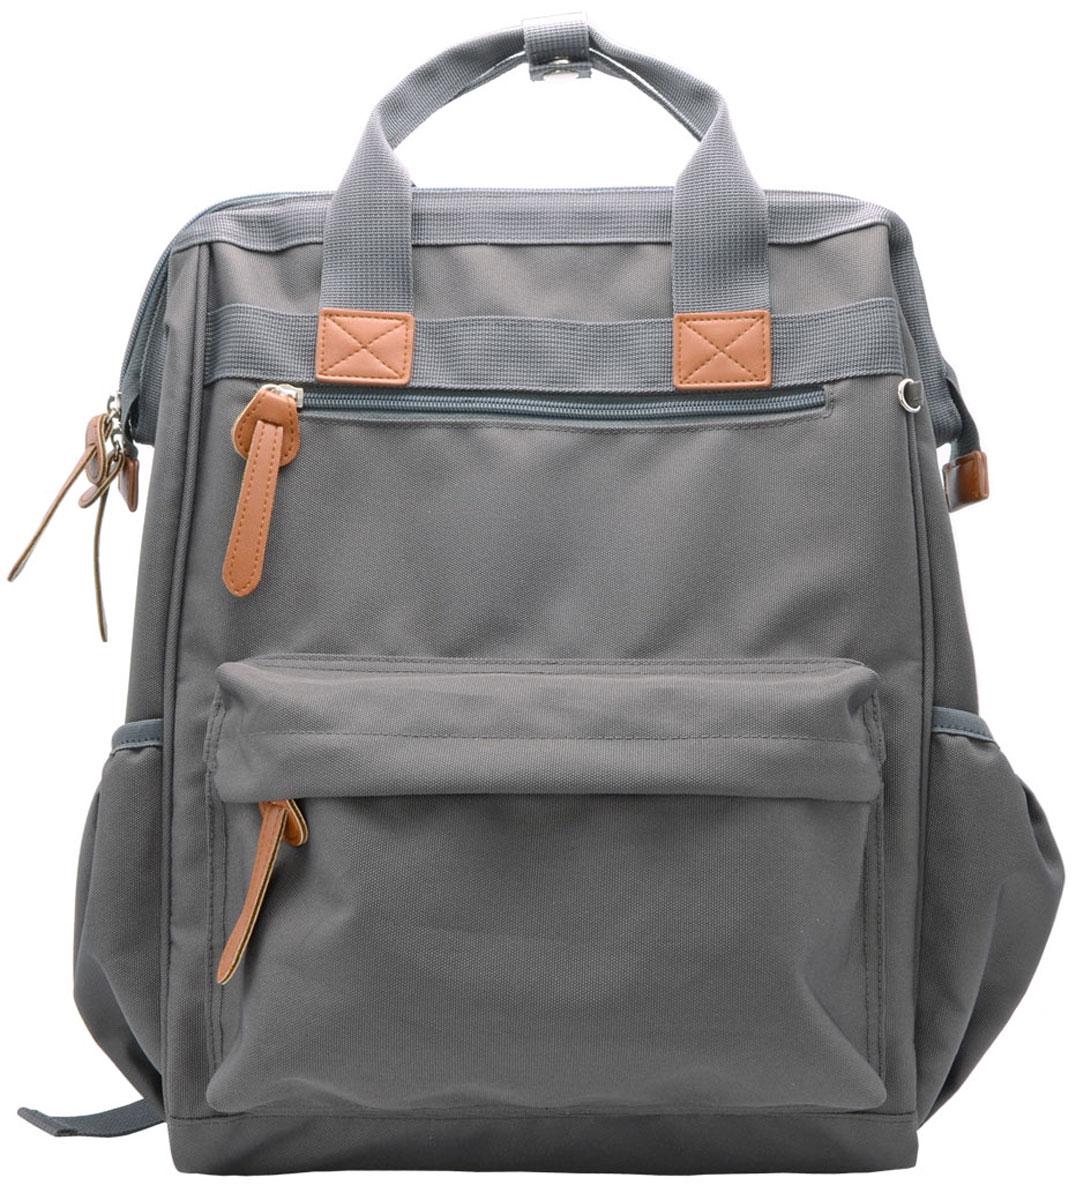 Action! Рюкзак детский цвет серыйAB11111Стильный рюкзак-сумка для деловых людей объемом 18 литров, выполнен из плотного полиэстера с водоотталкивающим эффектом, с декоративными элементами из искусственной кожи. Две верхние ручки позволяют носить рюкзак как деловую сумку. Удобная жесткая рельефная вентилируемая спинка повторяет продольную анатомию спины. На спинке имеется небольшой потайной карманчик на молнии. Основное отделение закрывается на молнию. Внутри имеется карман на молнии, органайзер для письменных принадлежностей и органайзер на резинке для книг, тетрадей, ноутбука размером до 16. На лицевой стороне-2 кармана на молнии, нижний размером 25 х 15 см. По бокам - карманы без молнии. Задние уплотненные вентилируемые лямки регулируются снизу.